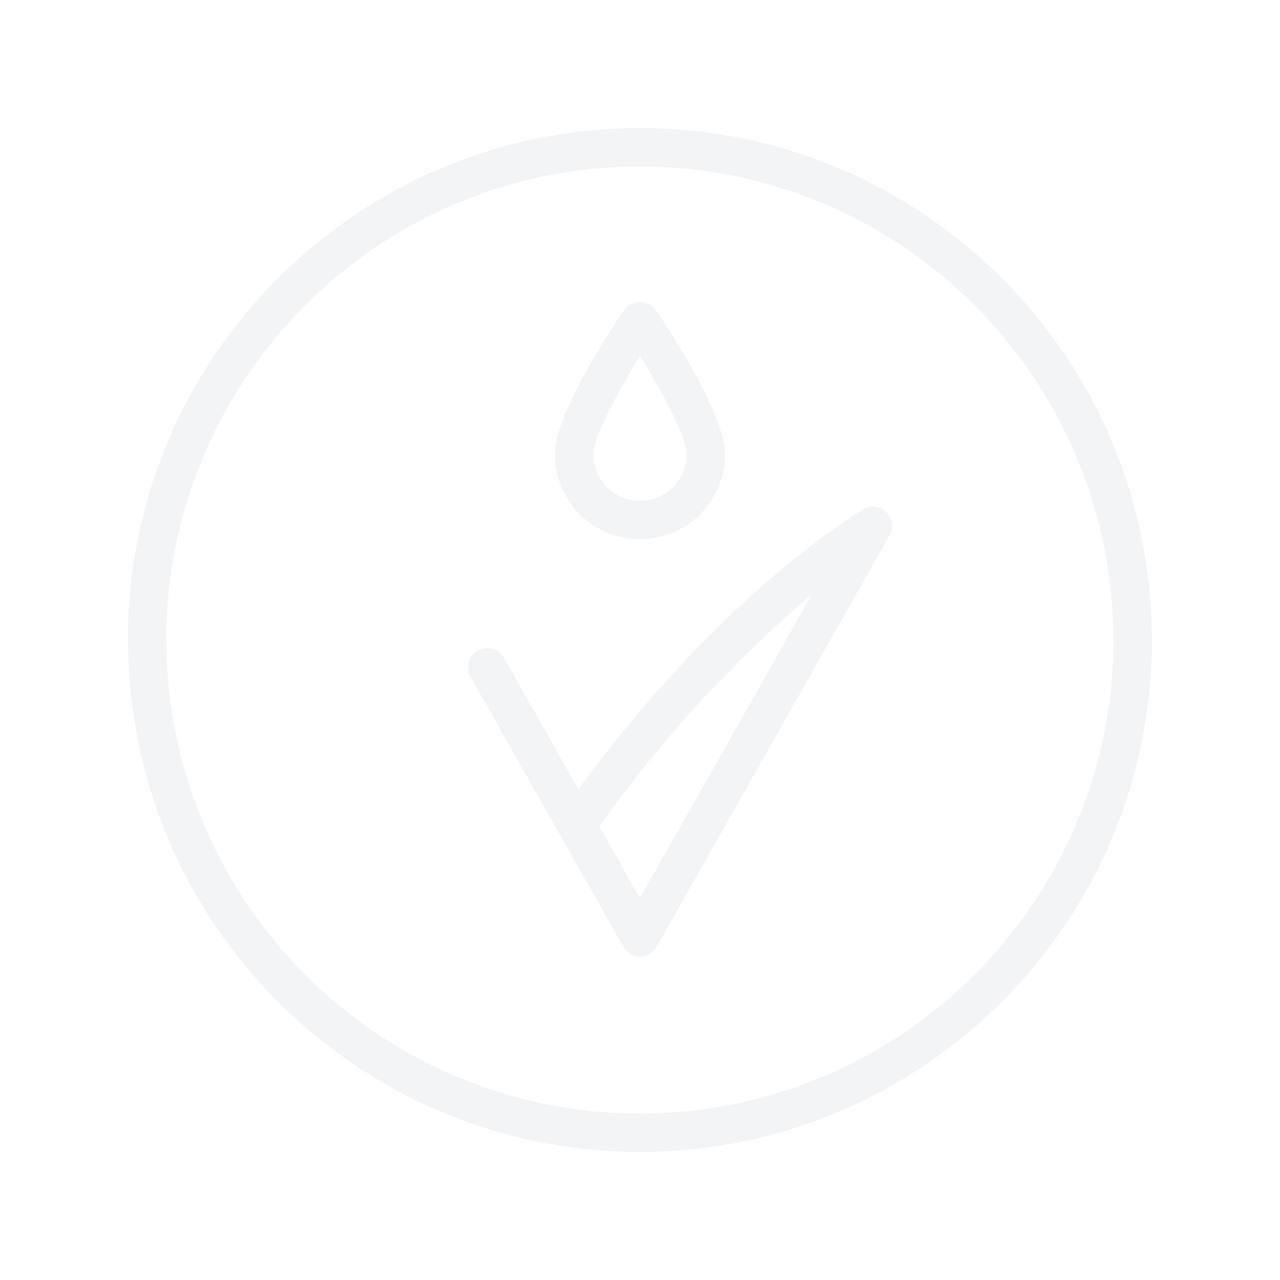 BOURJOIS Silk Edition Touch-Up Universal Powder Translucent 7.5g